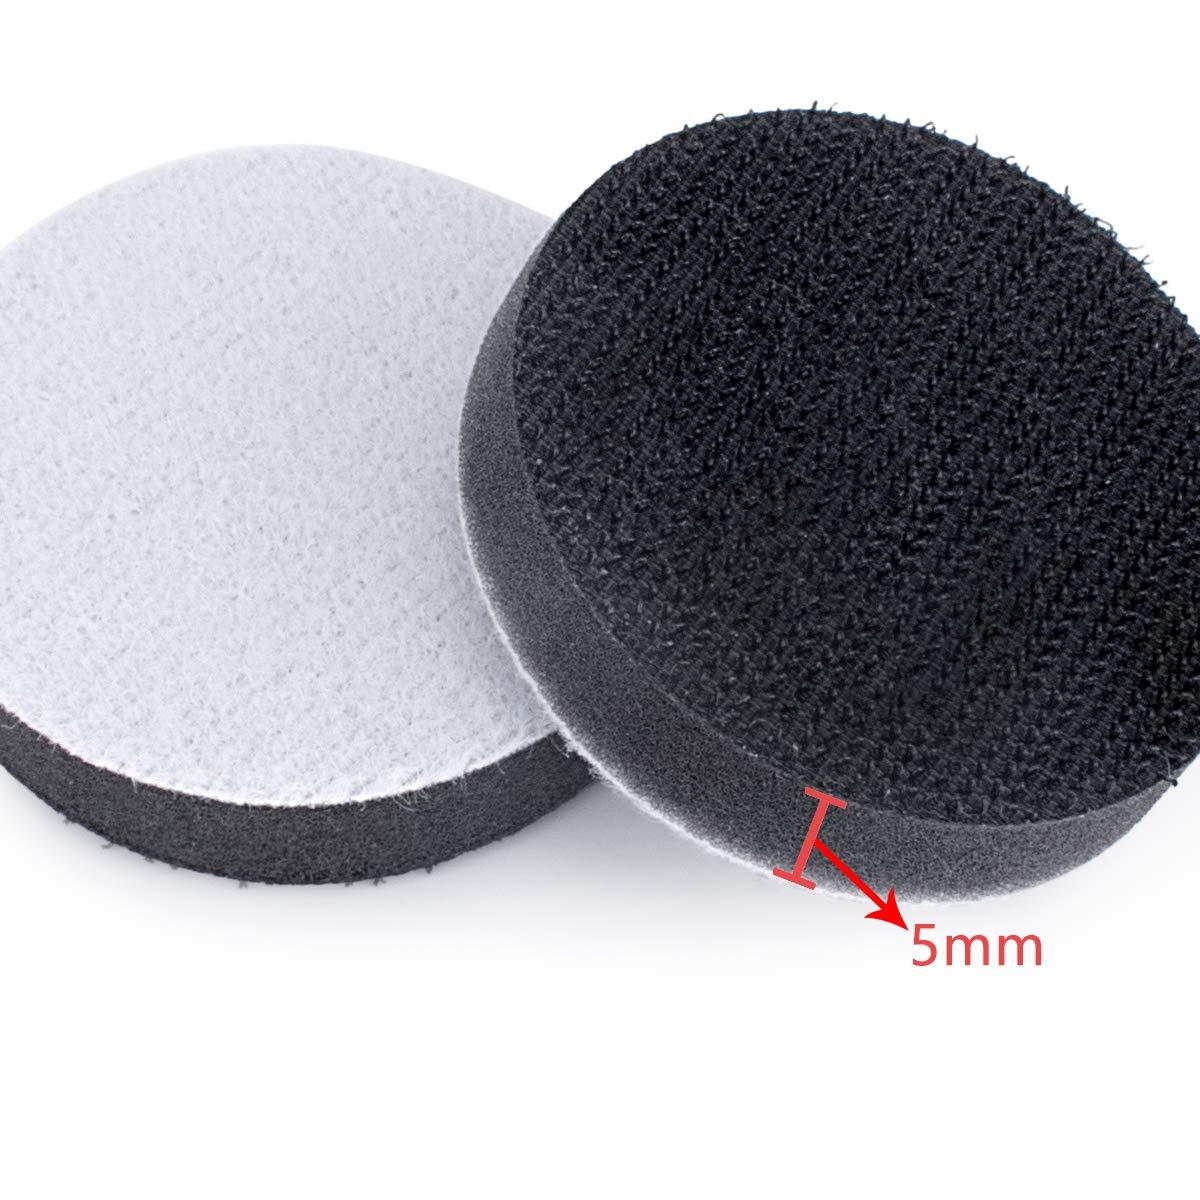 TopDirect 6pcs 2//50mm Support de Disque Pad avec 6.35mm Tige Outil Rond Rotatif Roloc Pon/çage Polissage Lustrage Traitement de Surface Disques de Blocage Rouleau